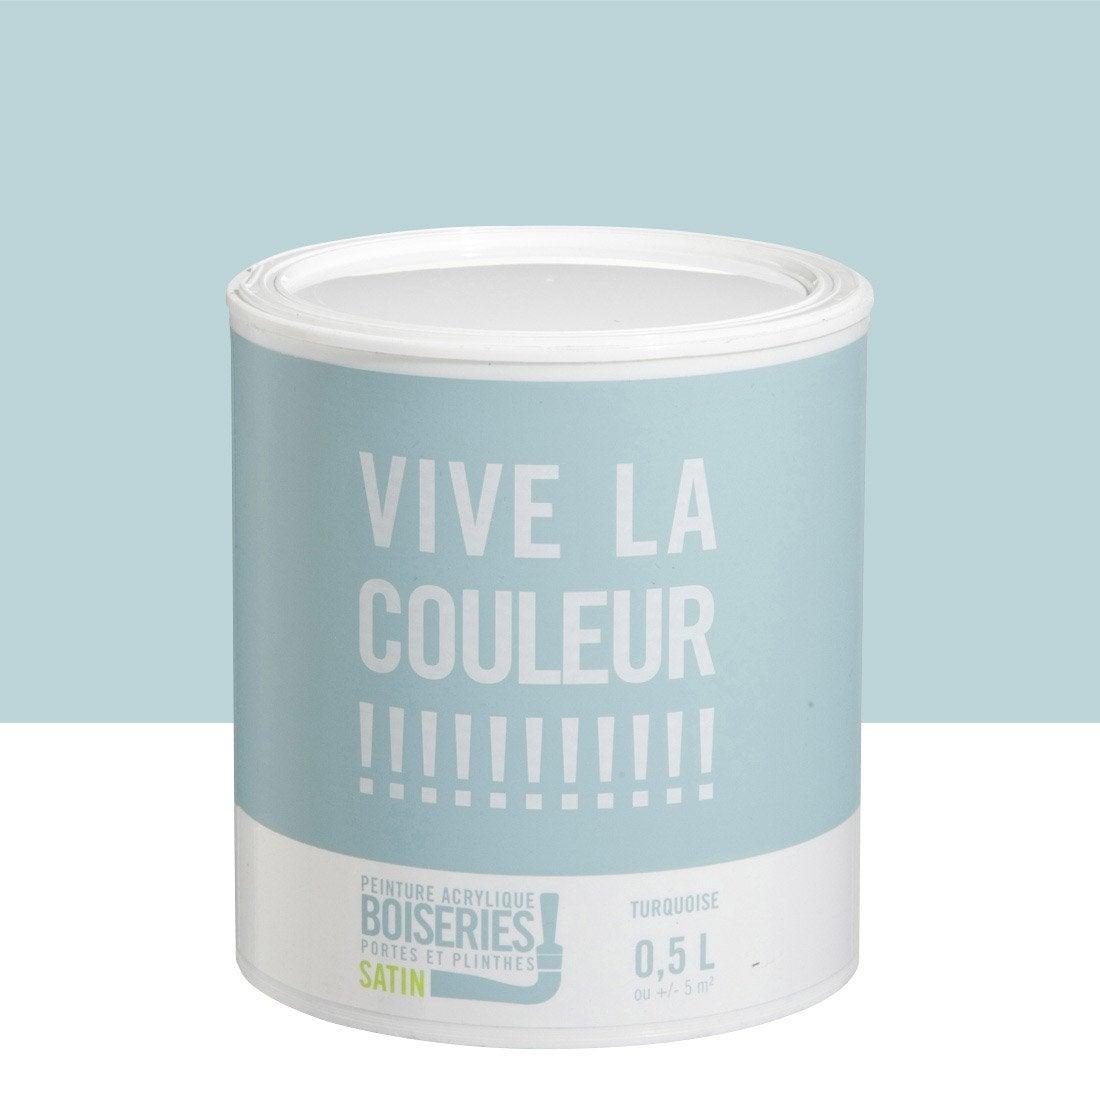 Peinture bleu turquoise vive la couleur 0 5 l leroy merlin for Peinture cuisine bleu turquoise